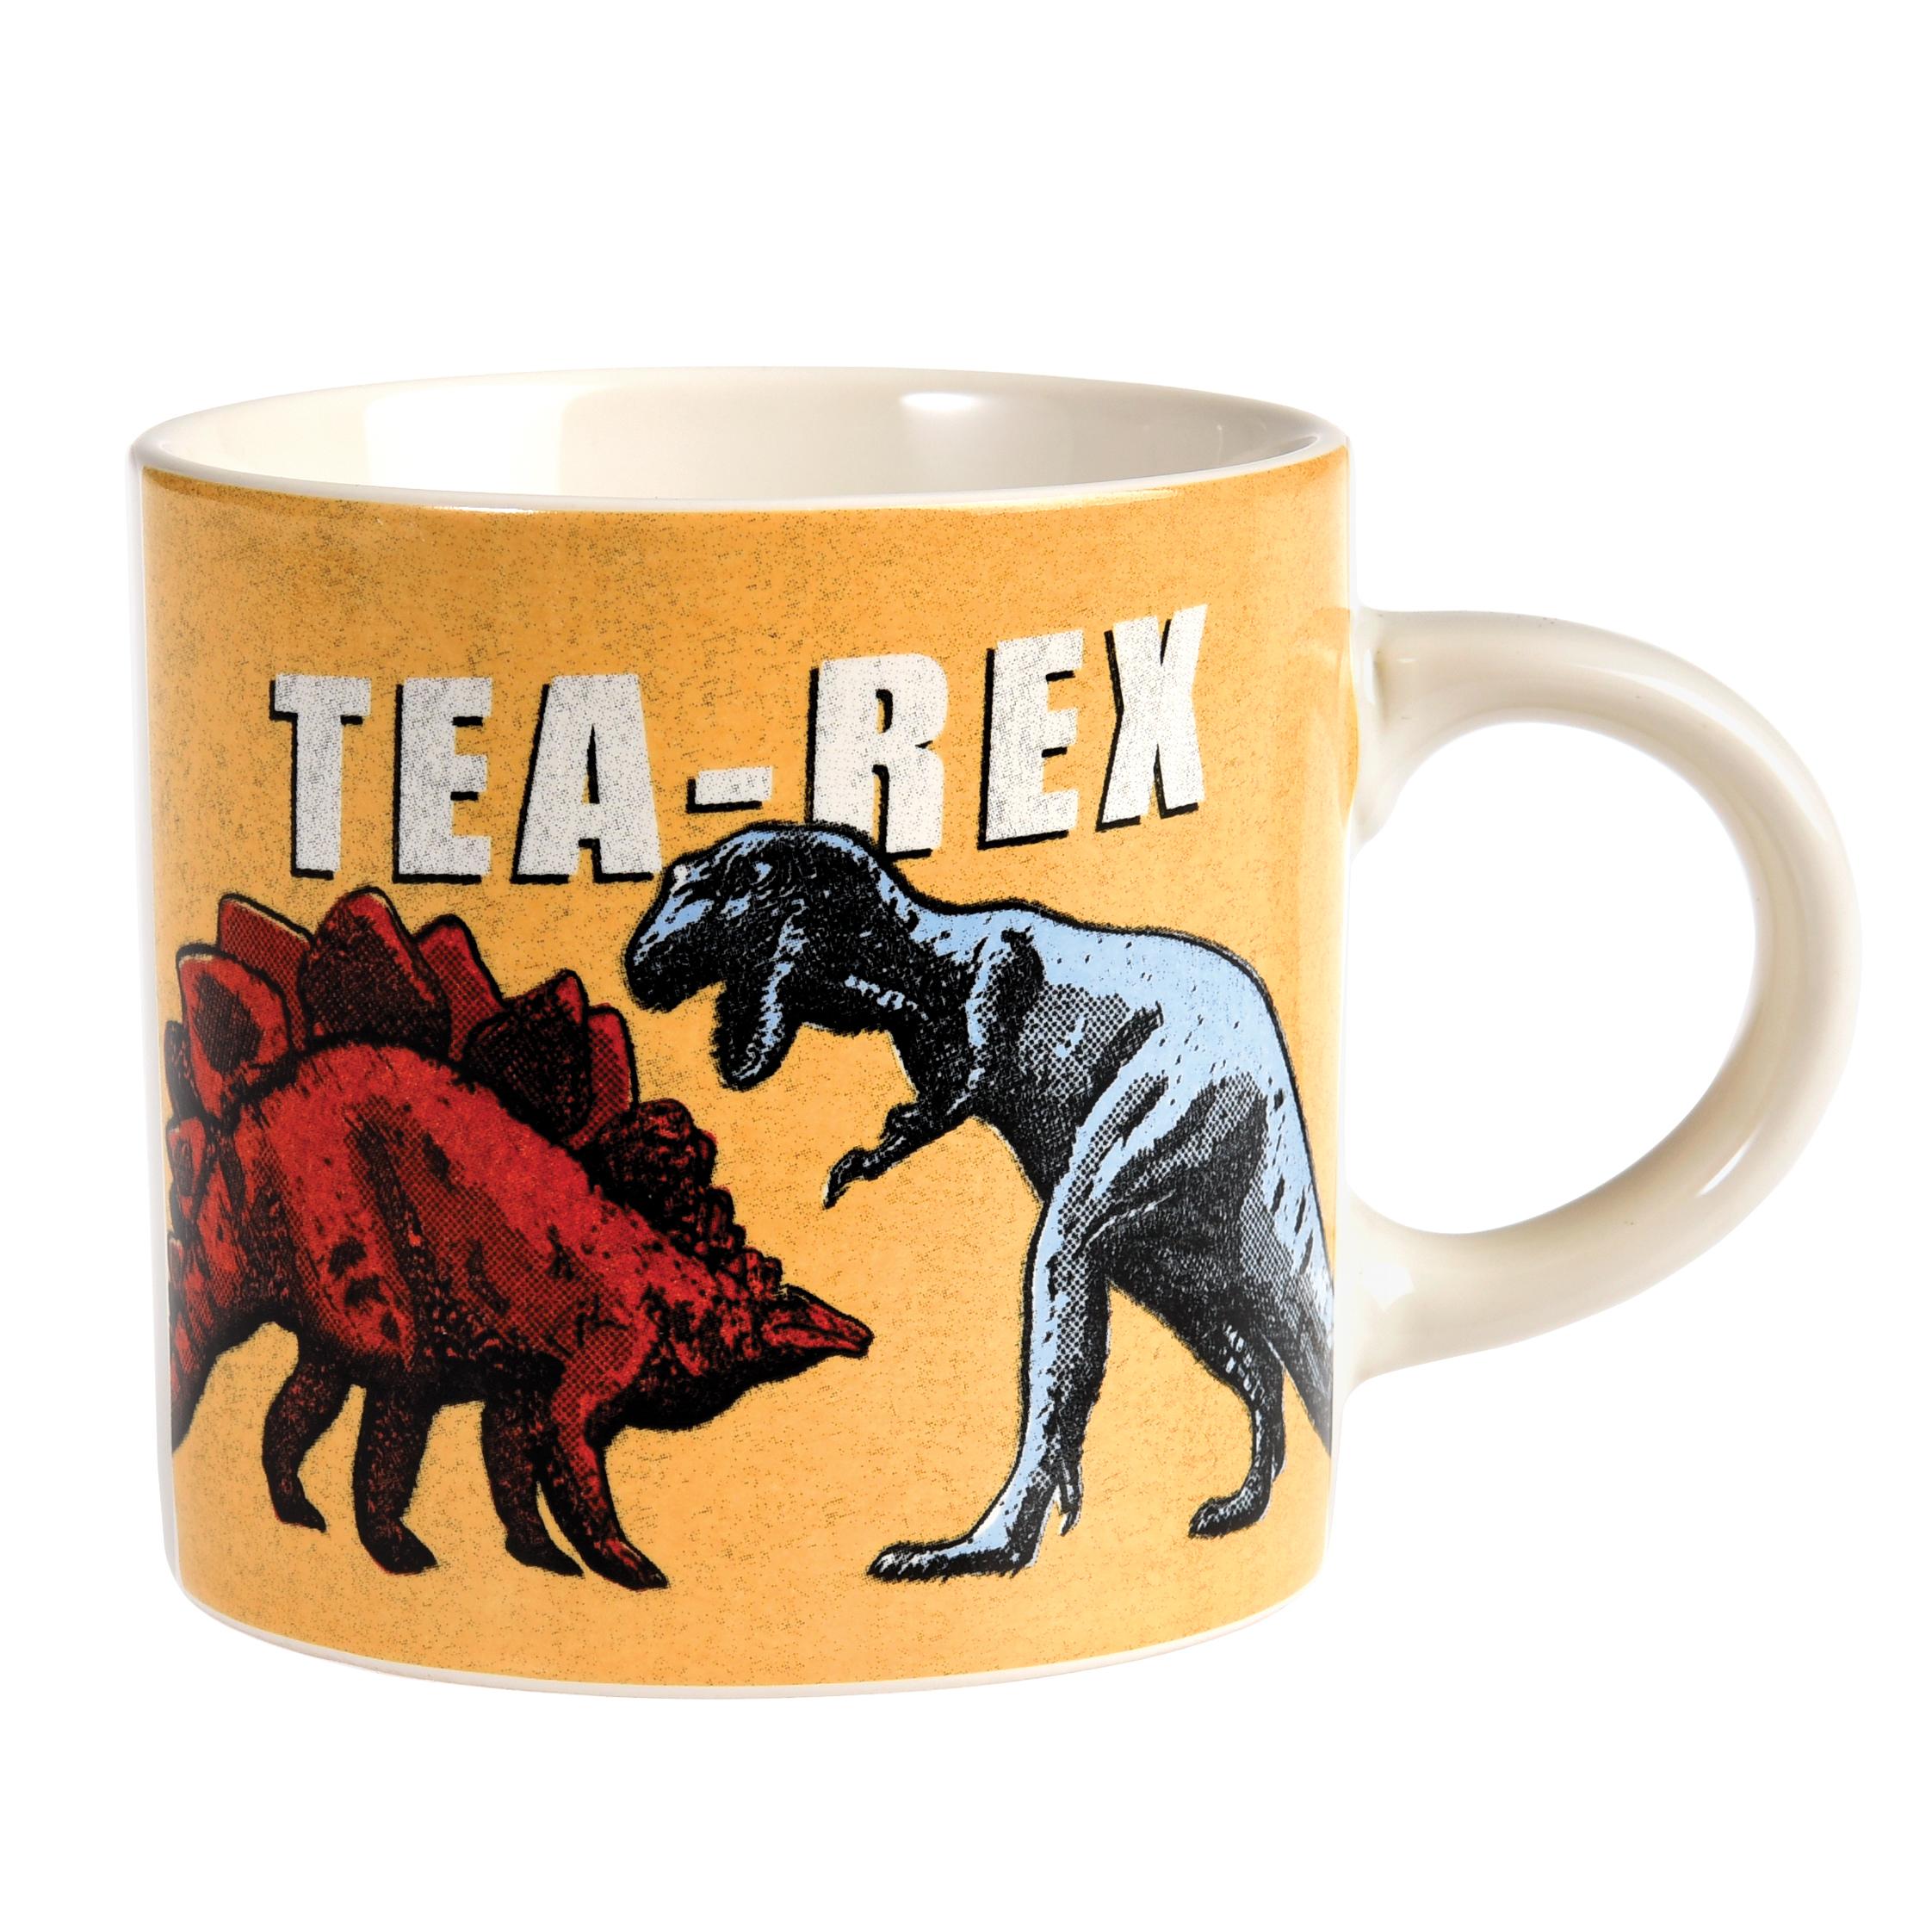 dise/ño a elecci/ón 350 ml Frasco reutilizable de acero inoxidable con taza Rex London